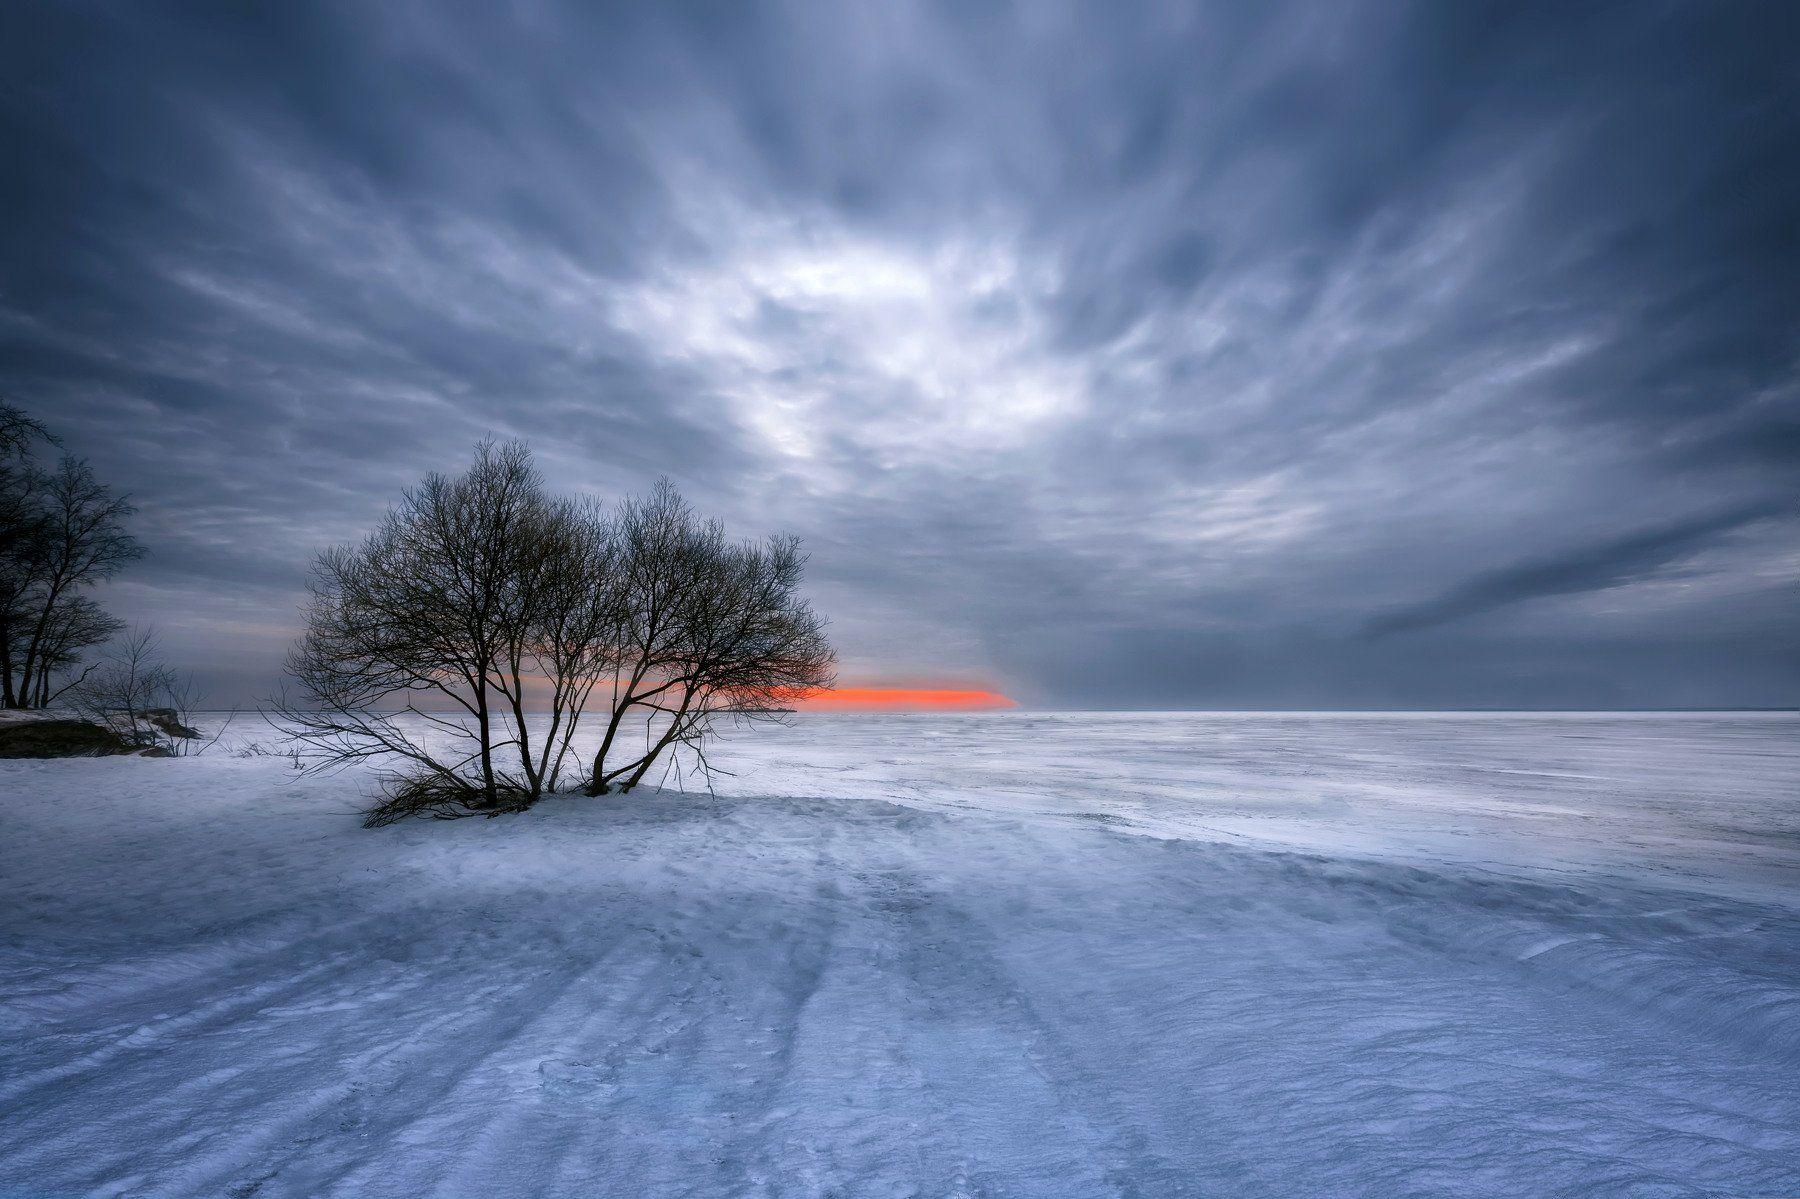 зима,природа,море,снег,лёд,дерево,небо,закат, Тамара